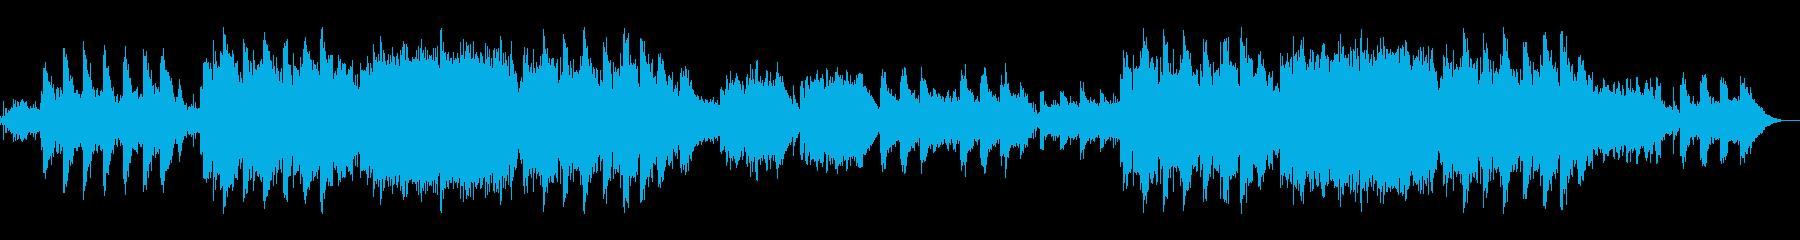 悲しく叙情詩的な背景音楽の再生済みの波形